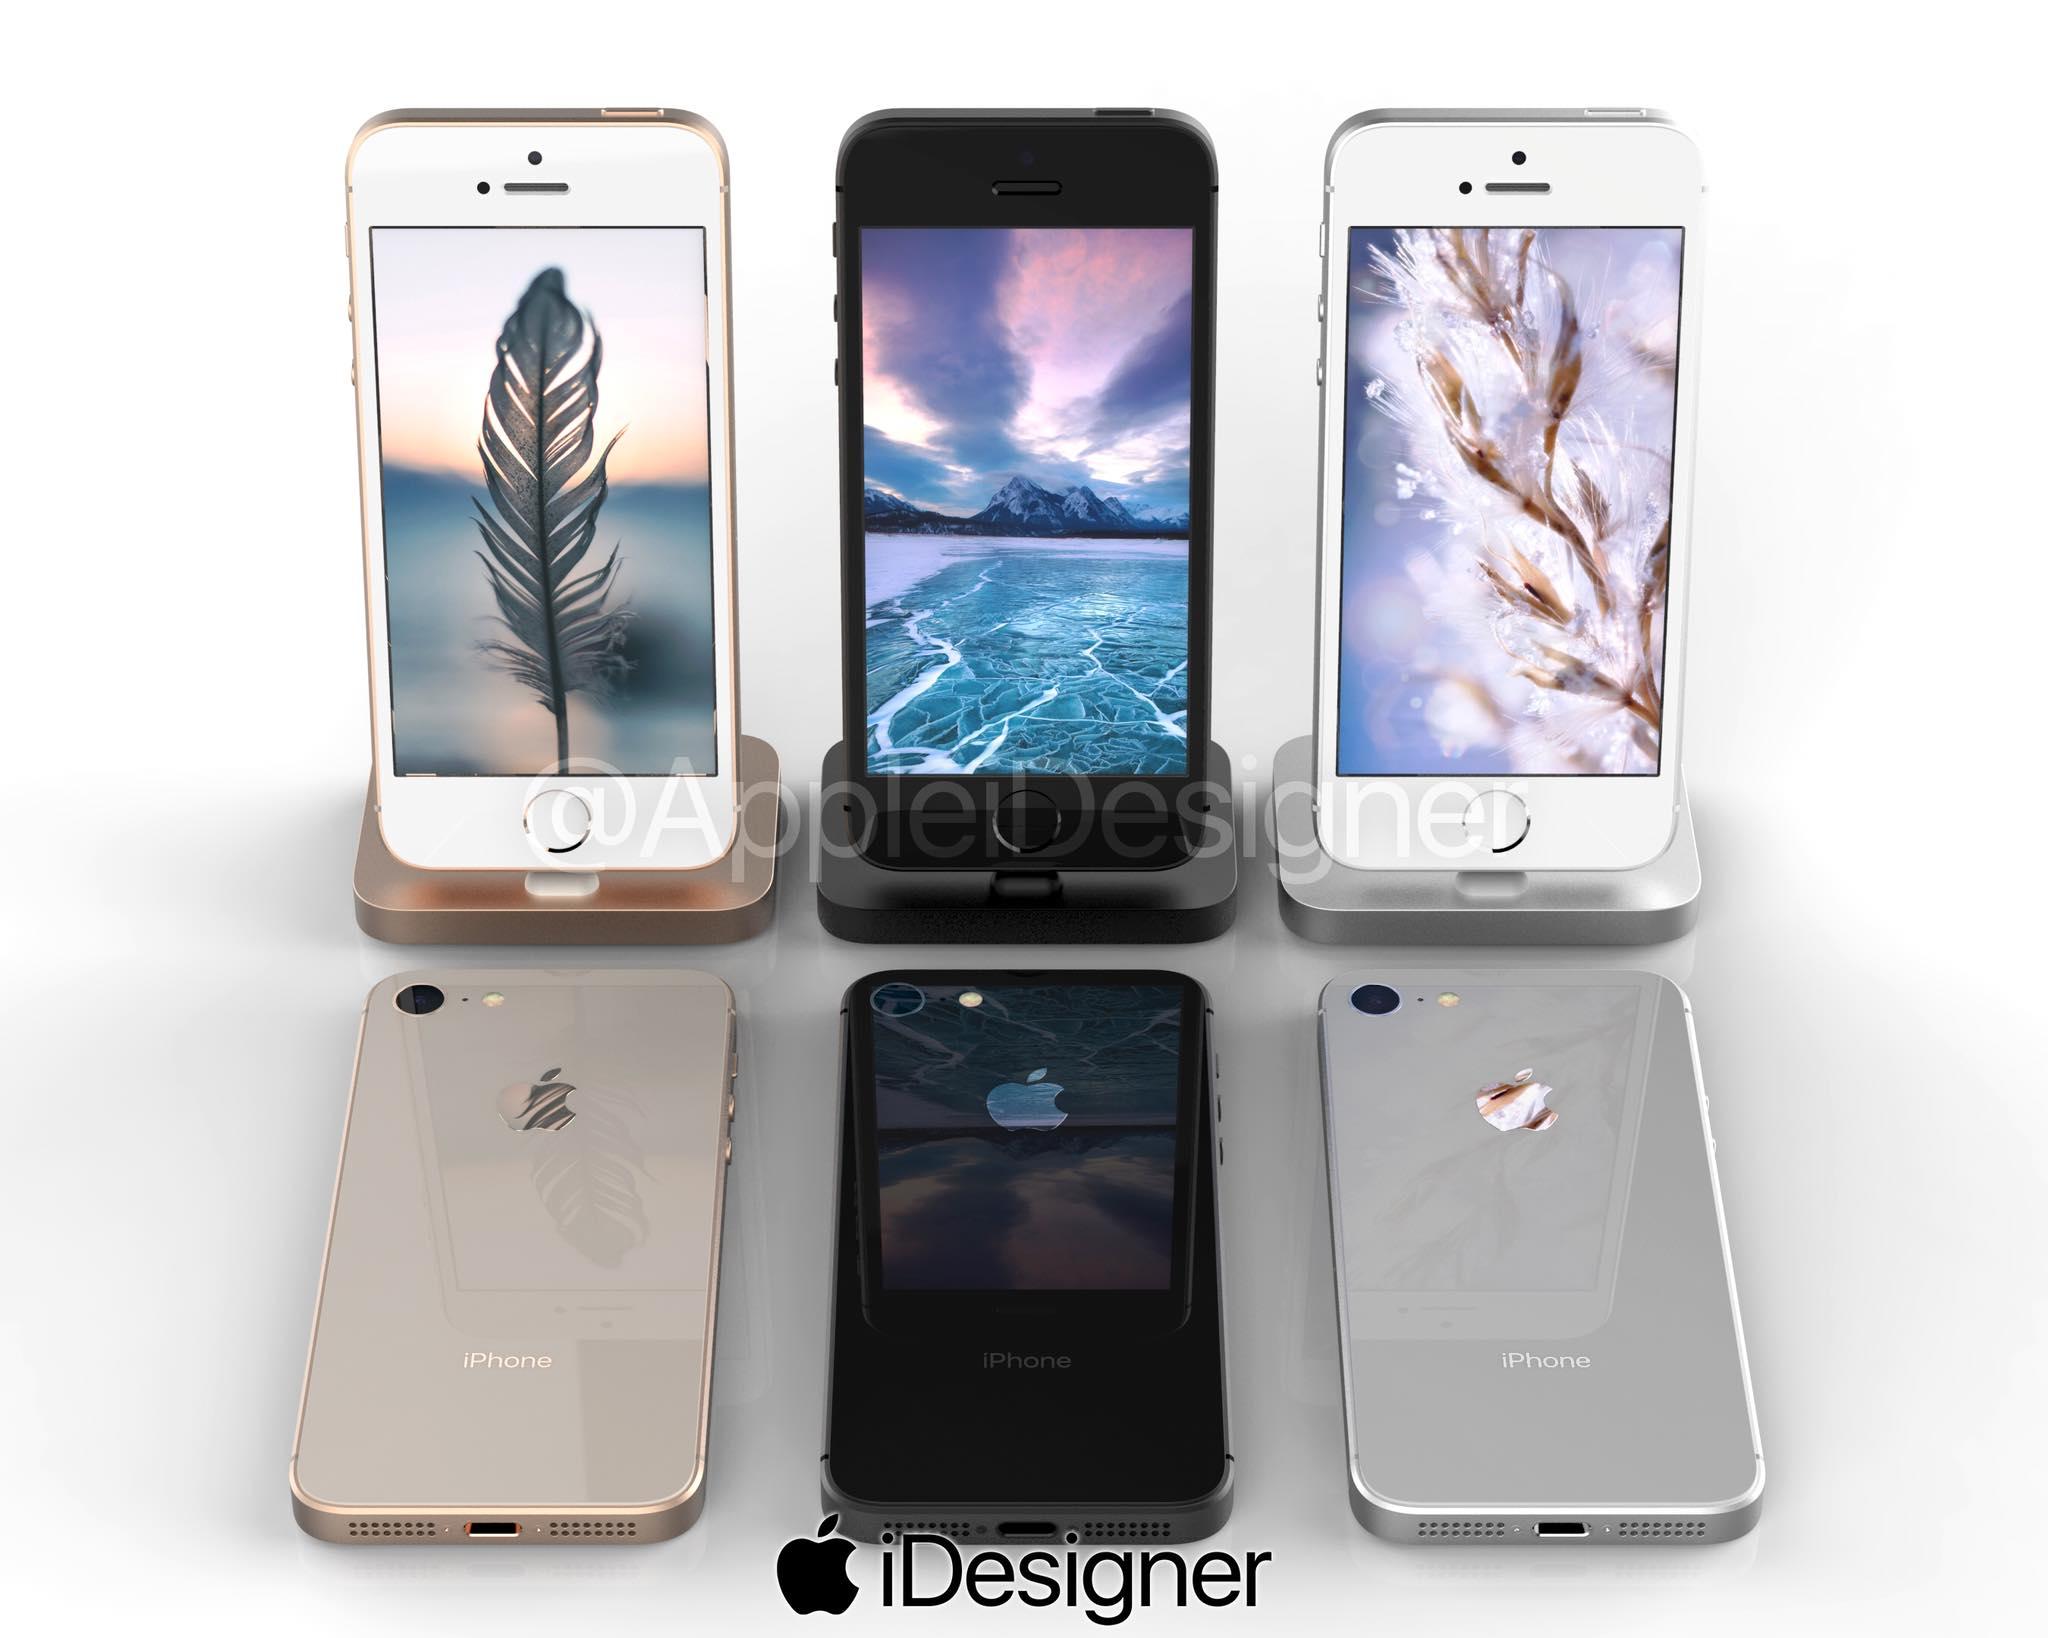 Iphonese2 Appleidesigner 4